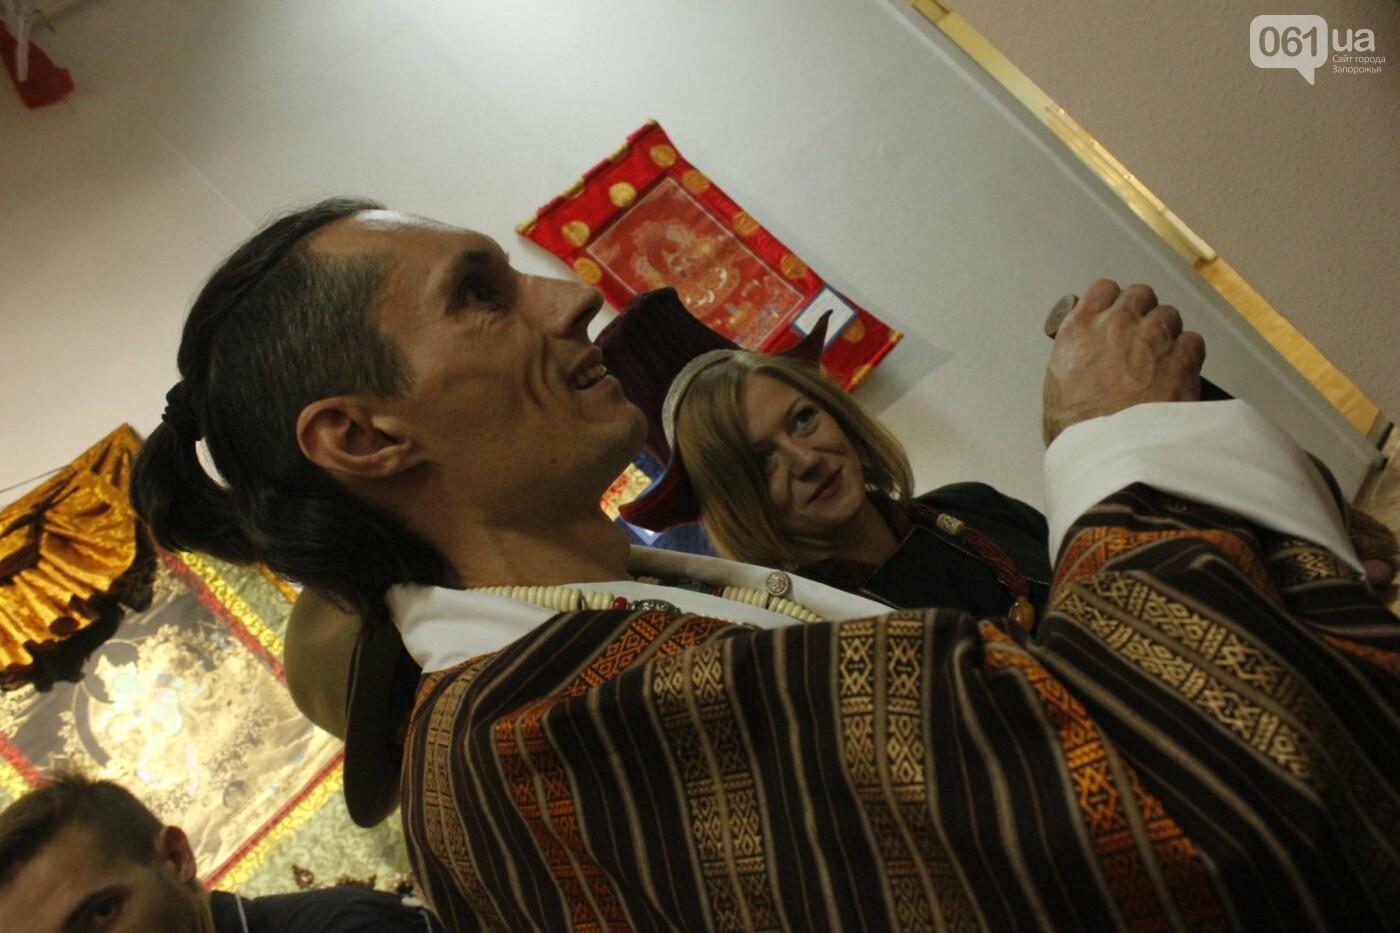 """В Запорожье выставка """"Сокровища Тибета"""" открыла Дни буддийской культуры, - ФОТОРЕПОРТАЖ, фото-35"""